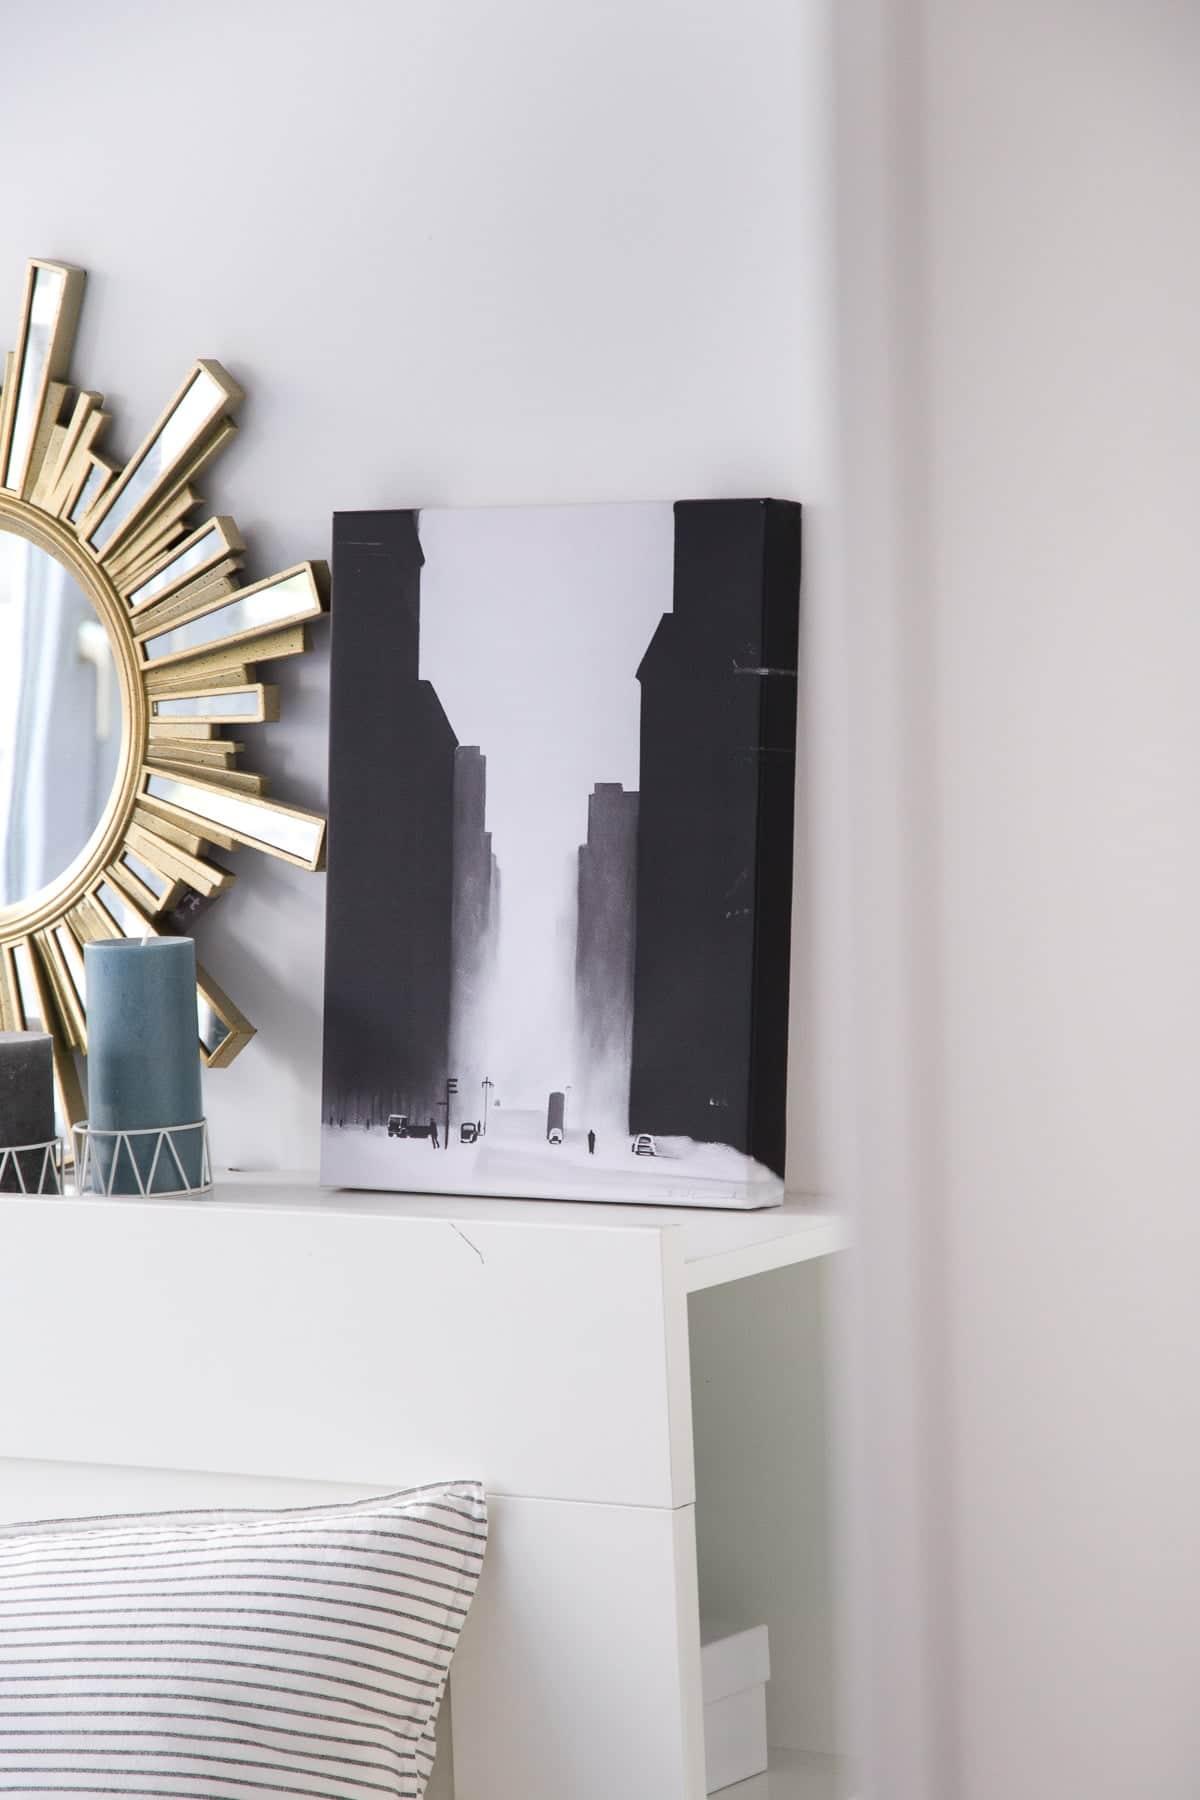 Unsere erste gemeinsame Wohnung - New York Leinwandbilder